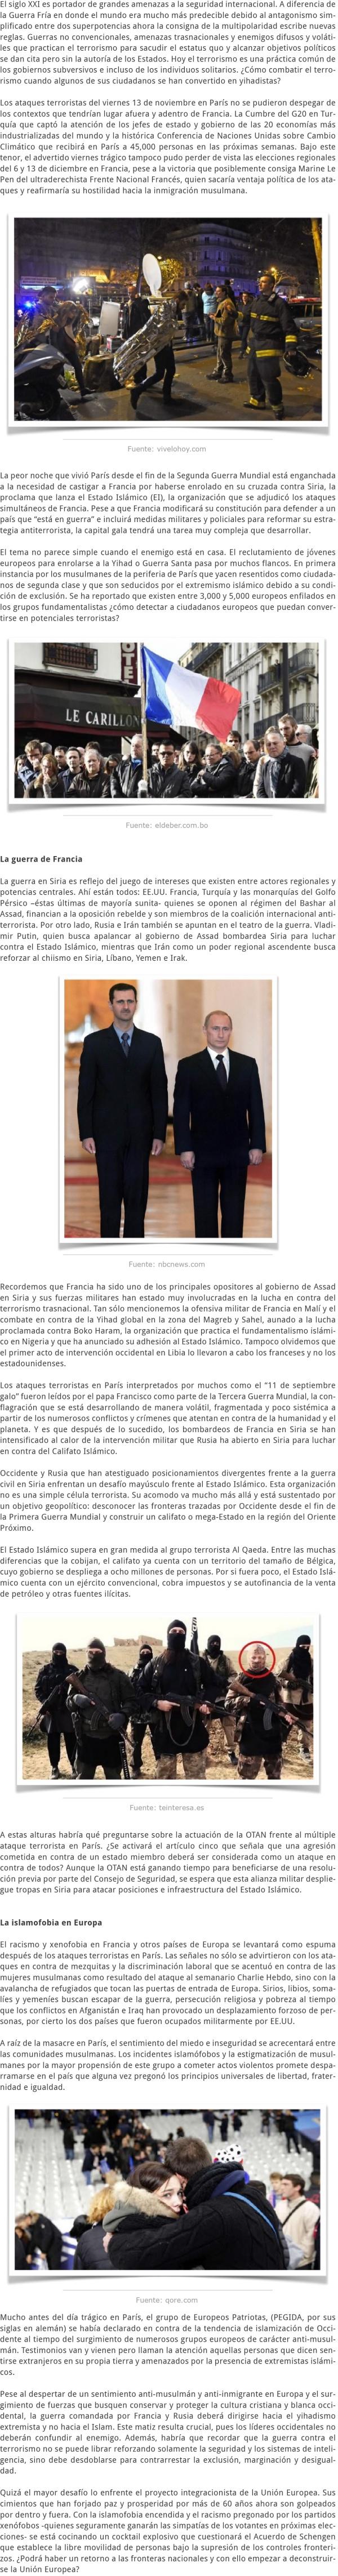 FRANCIA ¿DURMIENDO CON EL ENEMIGO